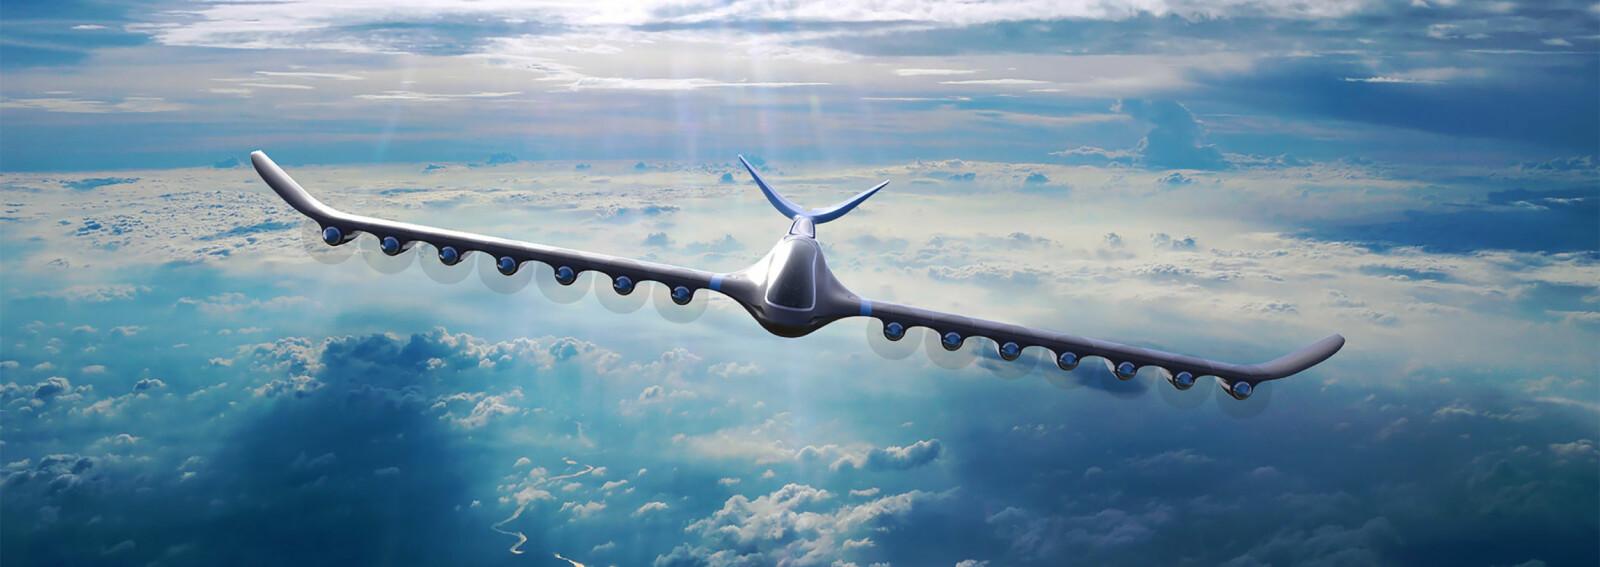 I dette perspektivet og med 14 propeller ser flyet Element One gigantisk ut. I virkeligheten har det plass til fire passasjerer.